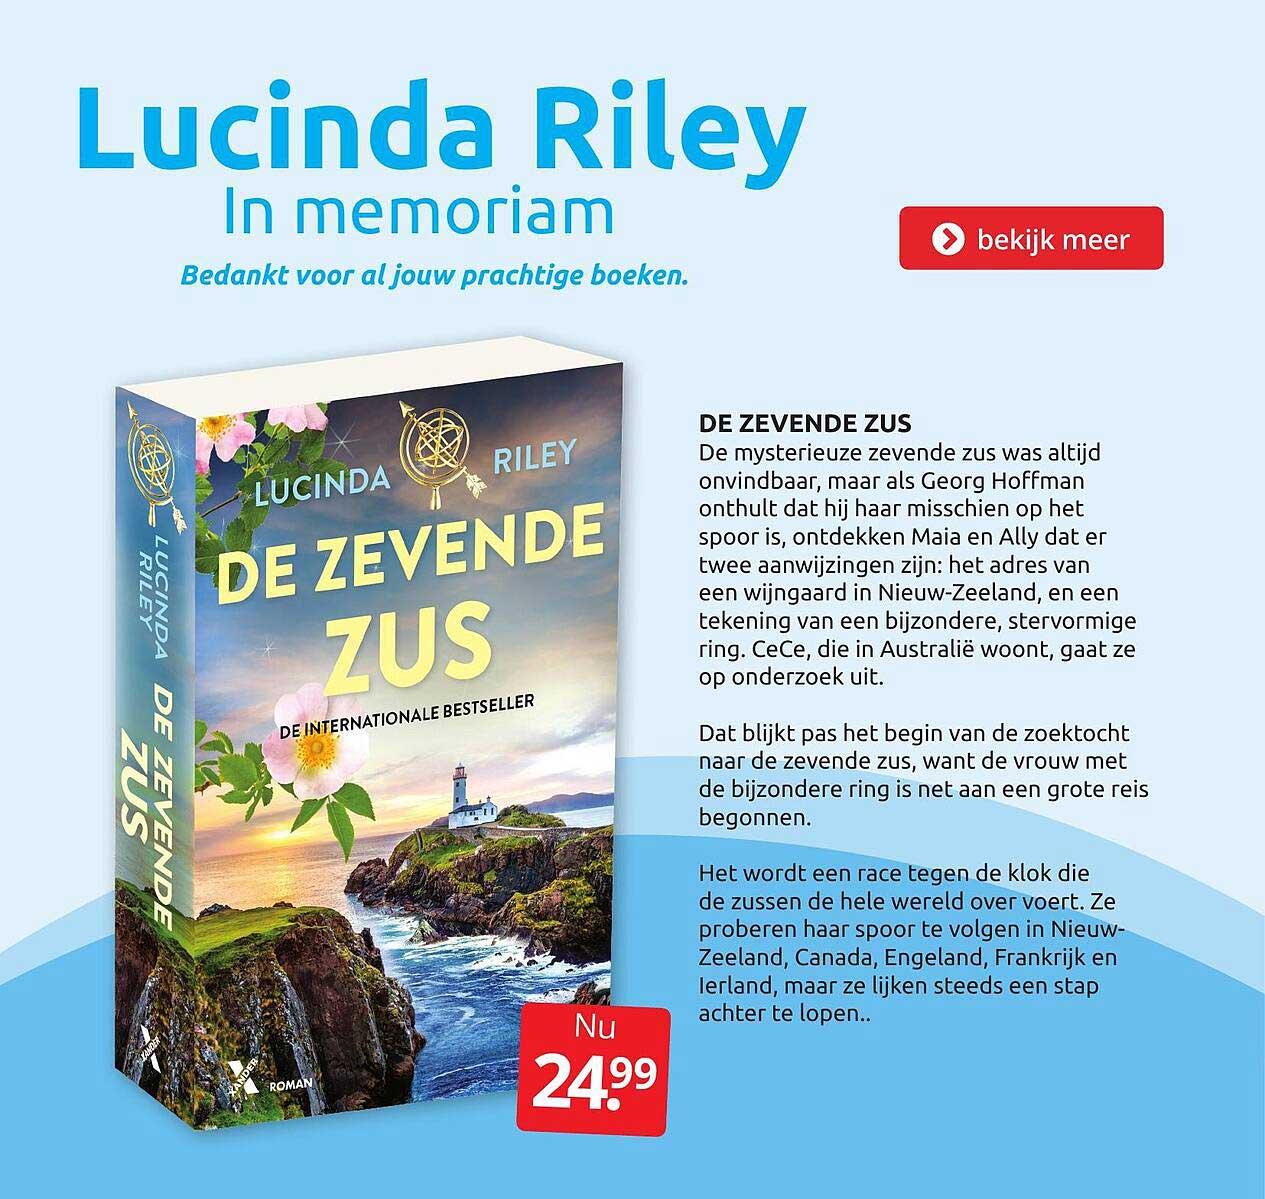 BoekenVoordeel De Zevende Zus - Lucinda Riley